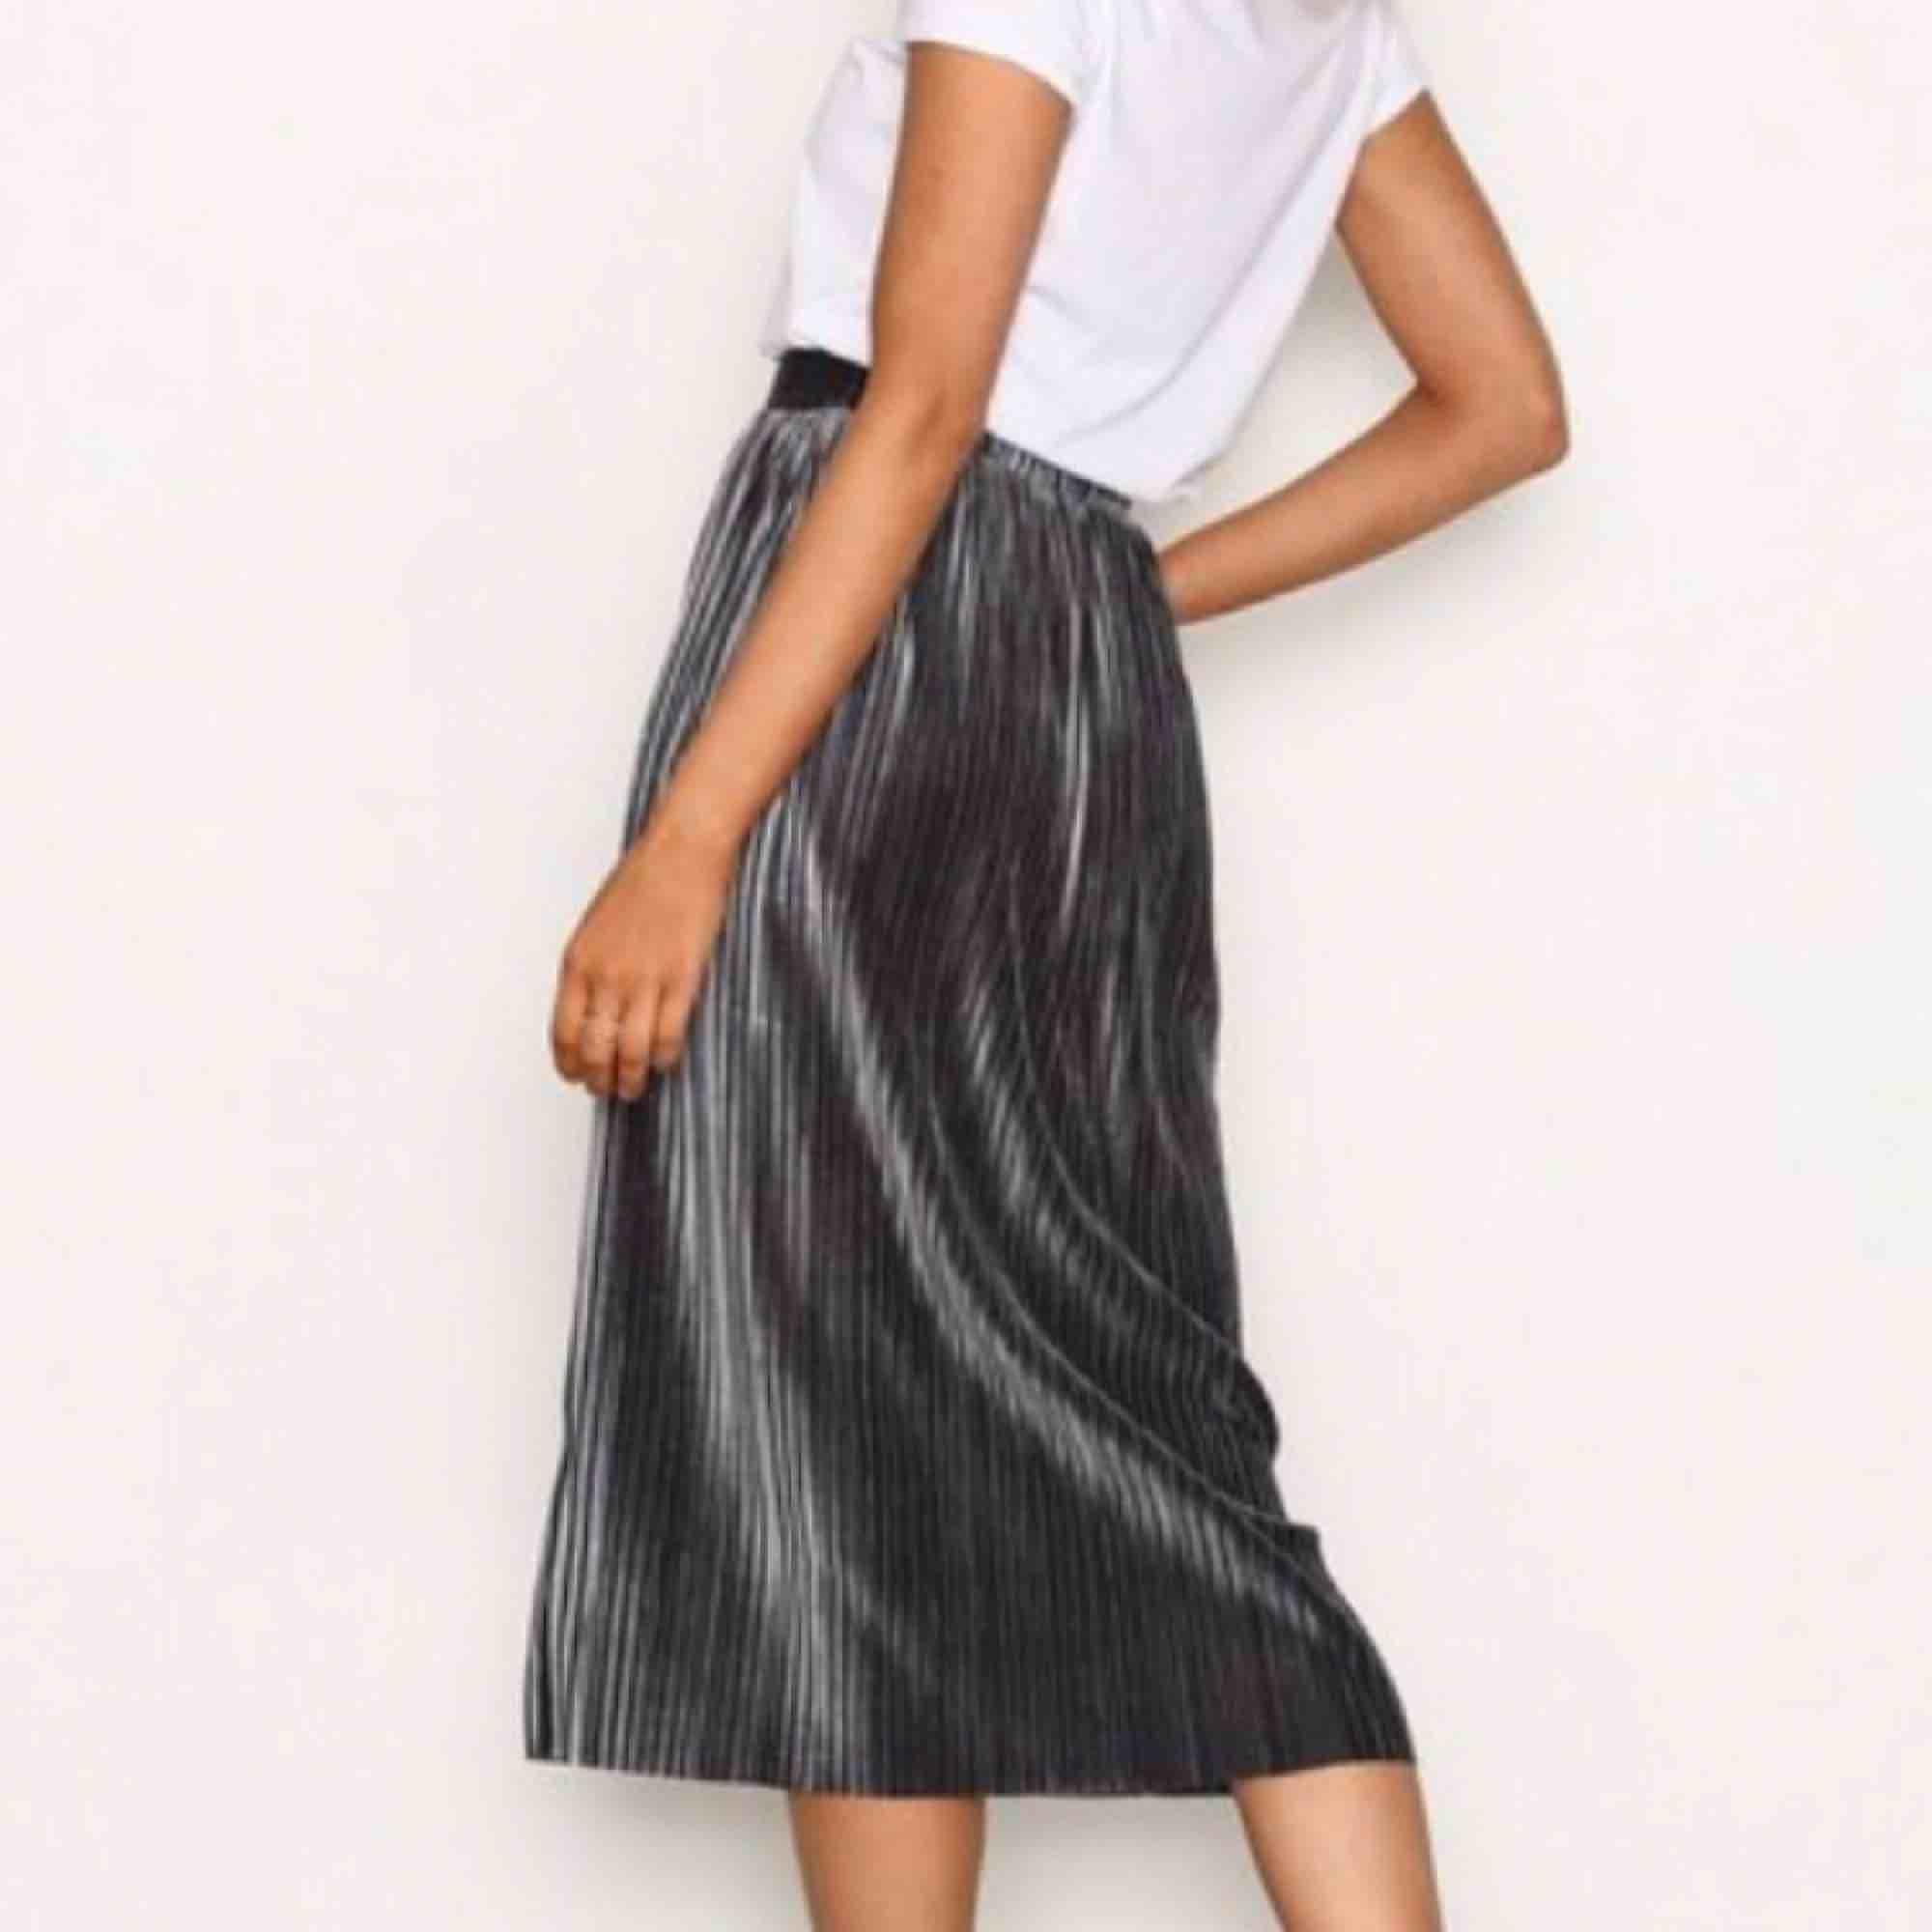 Silvrig/mörkgrå kjol från NLY trend, köptes här på Plick men var för stor så säljer igen. Aldrig använd endast testad! 💕. Kjolar.